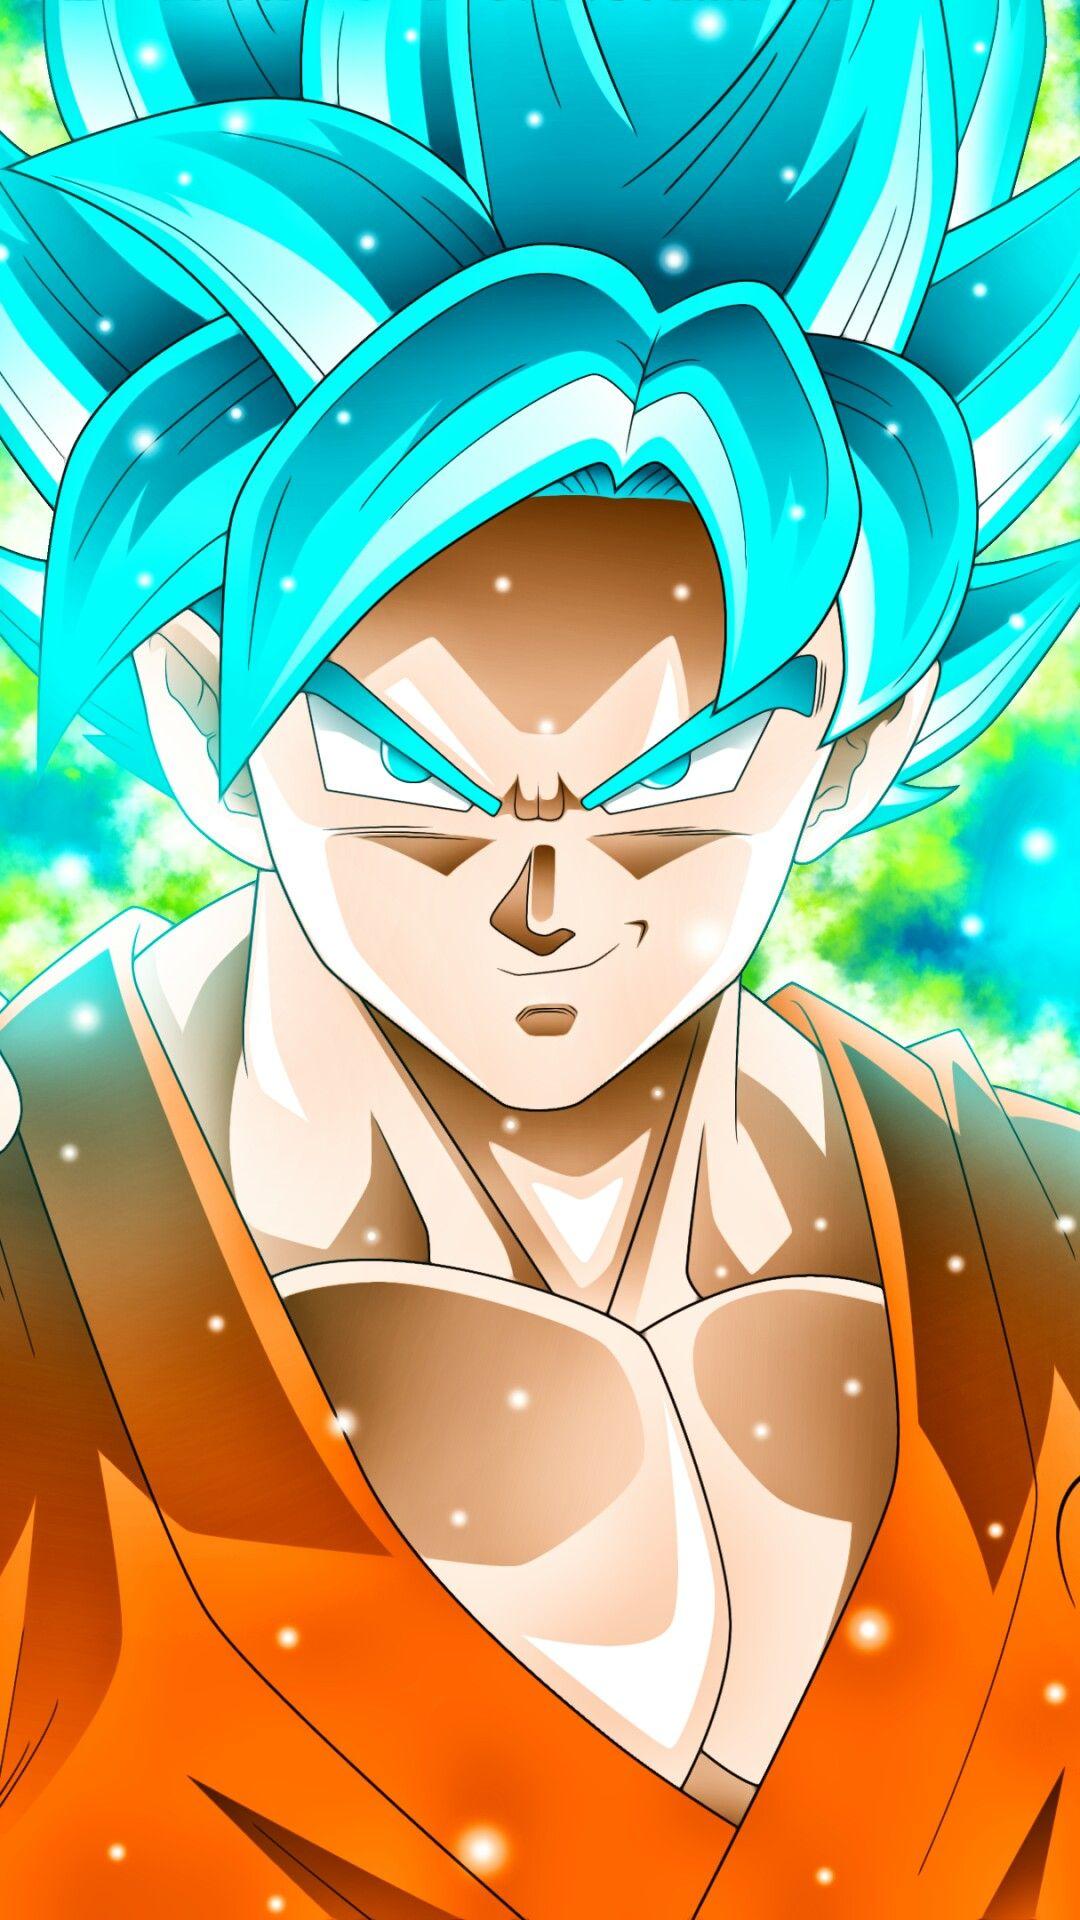 Goku Blue Pantalla De Goku Fondos De Pantalla Goku Dragon Ball Gt